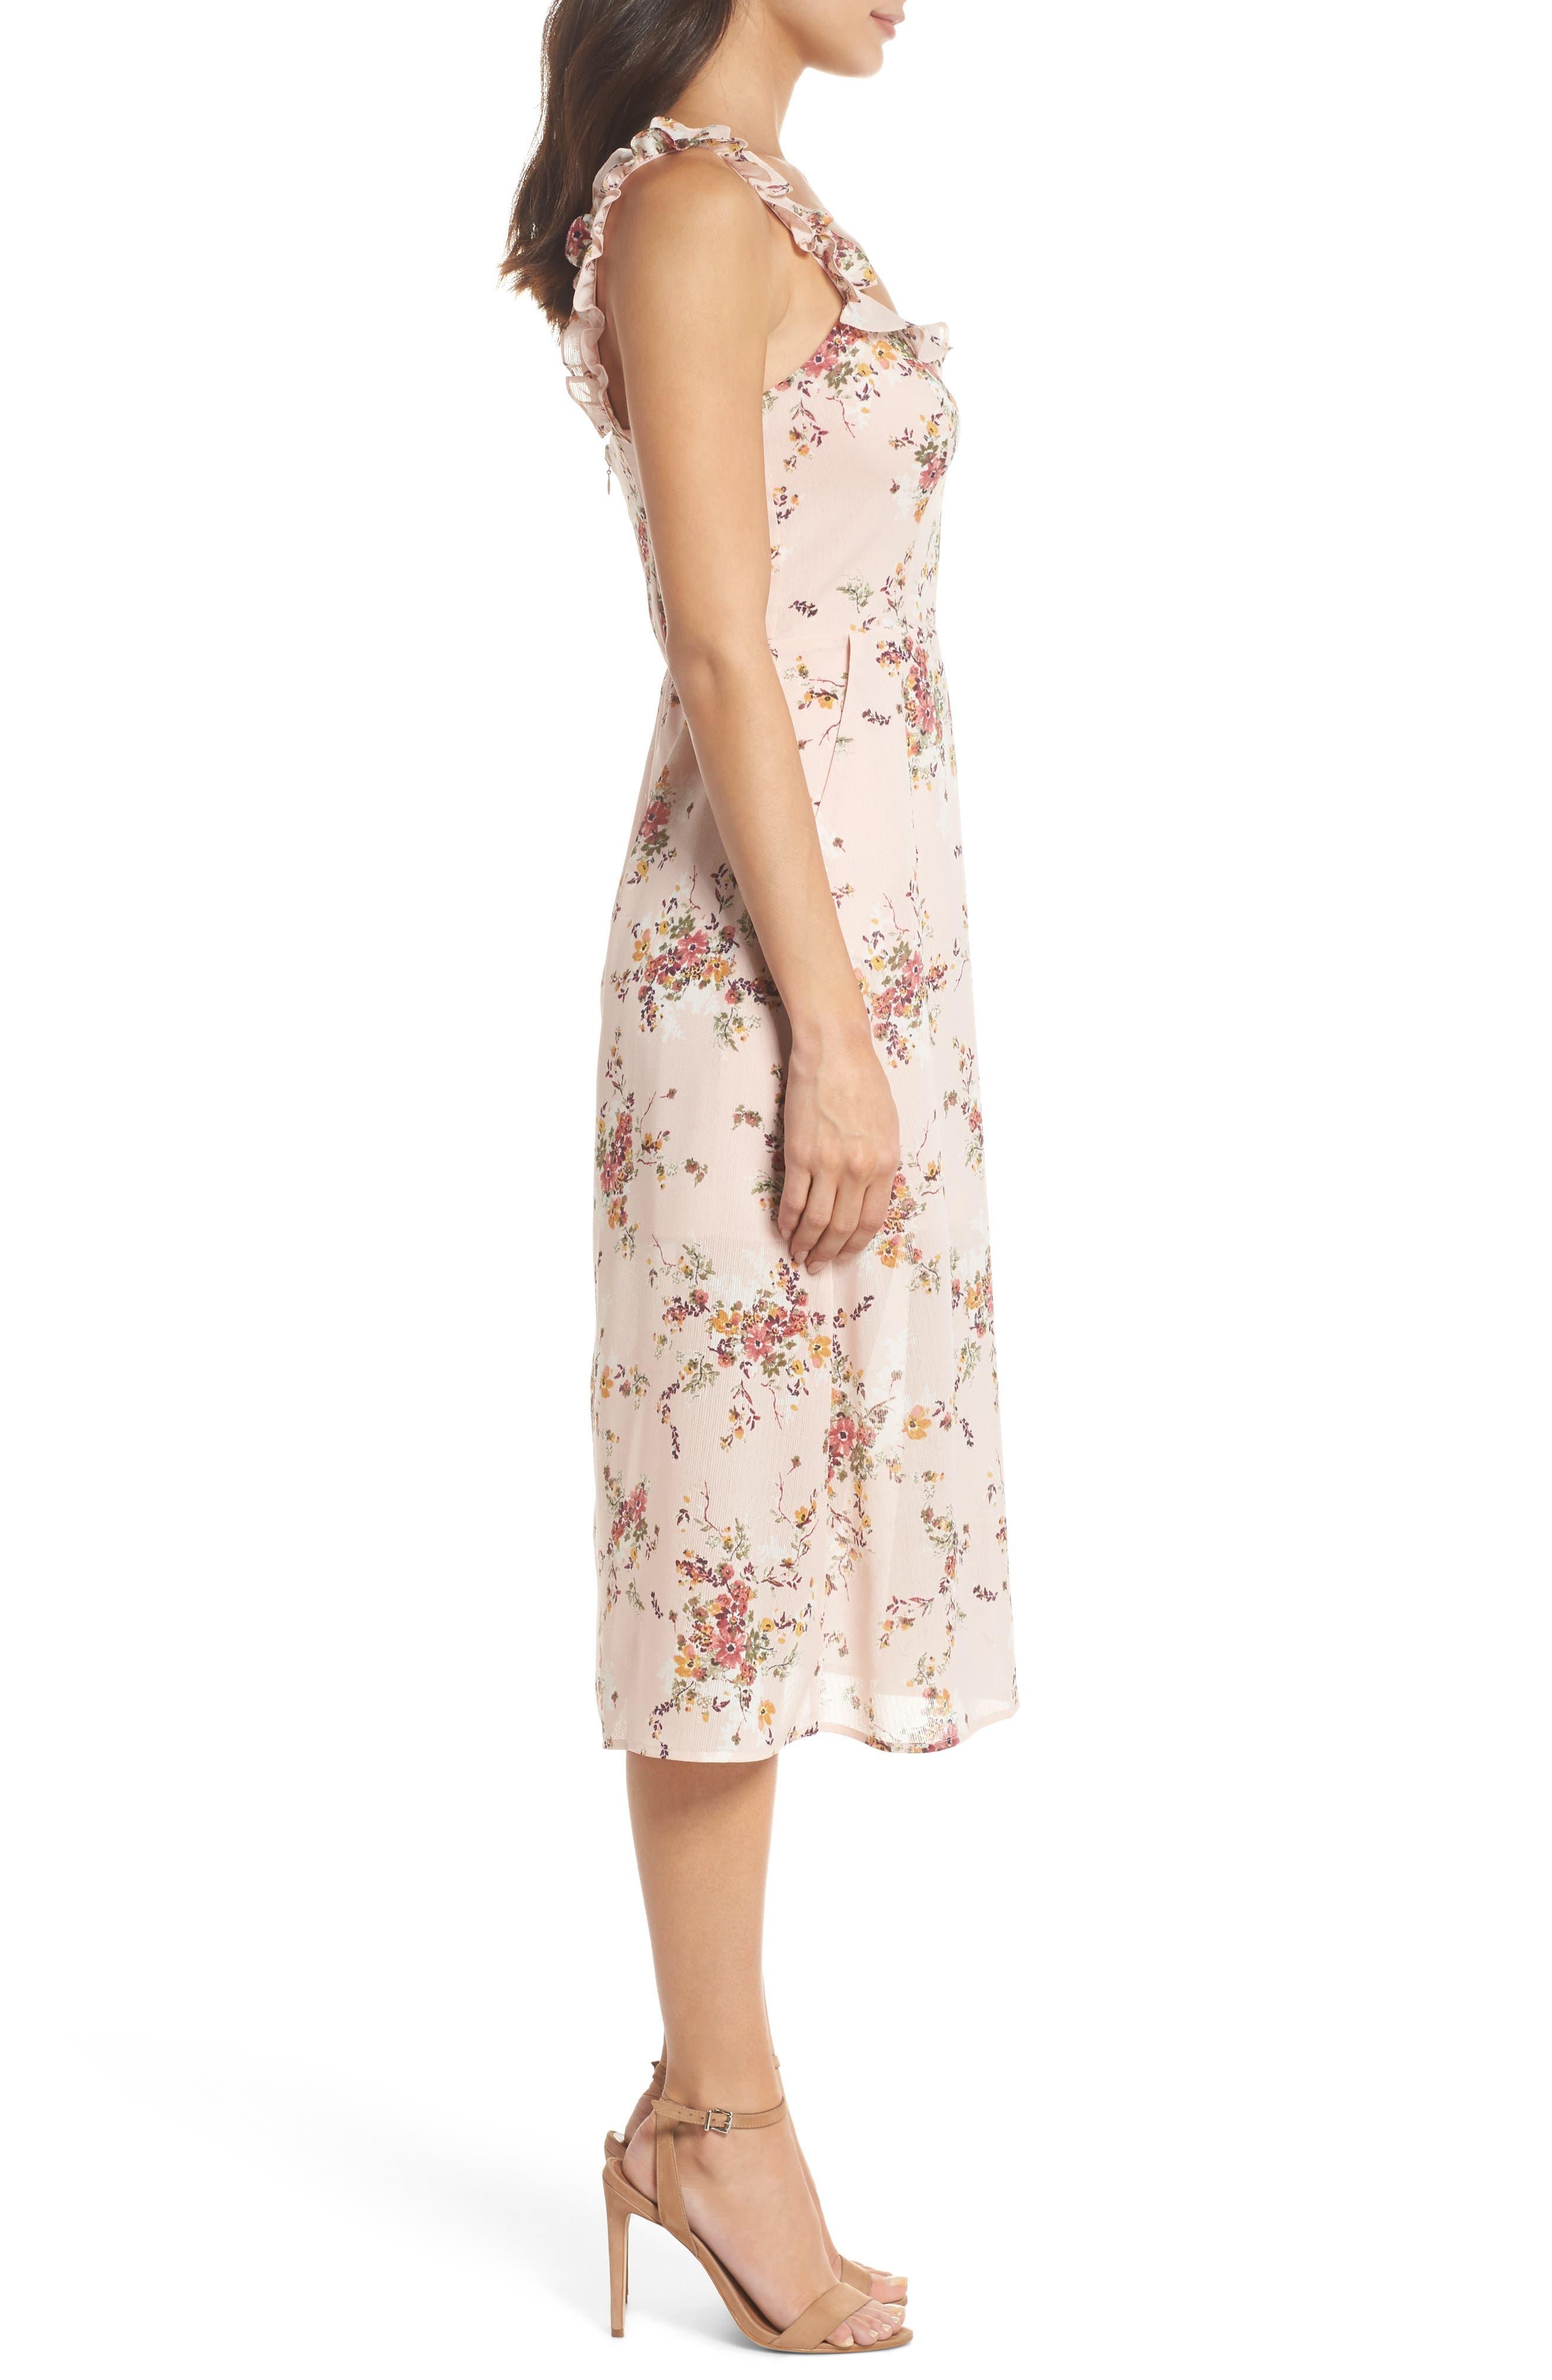 Atwater Village Midi Dress,                             Alternate thumbnail 3, color,                             Blush Vintage Bouquet